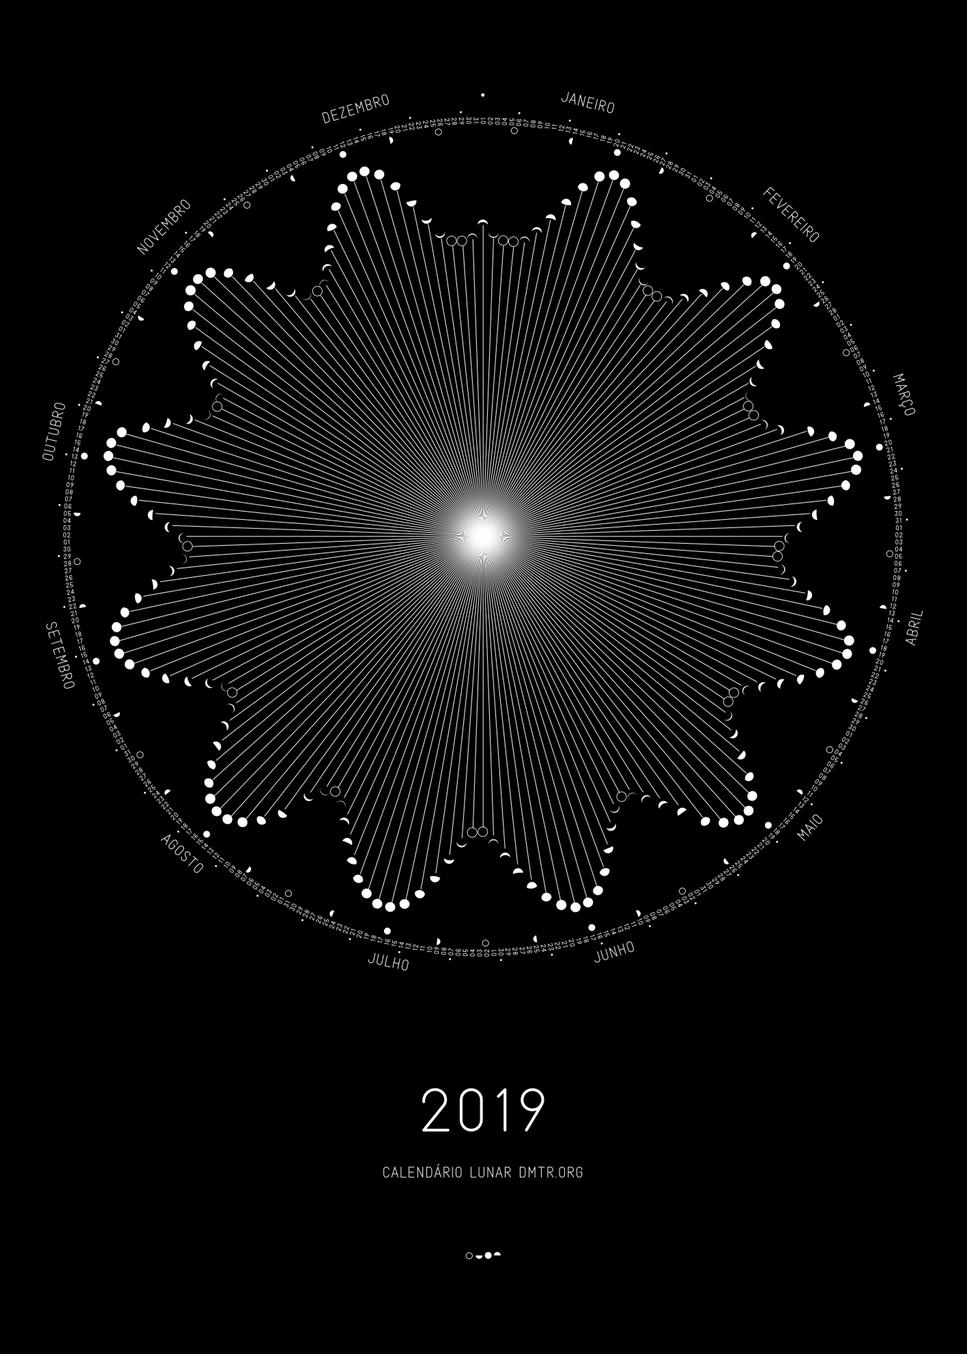 lunarcalendarposter2019_dmtrorg_2.png